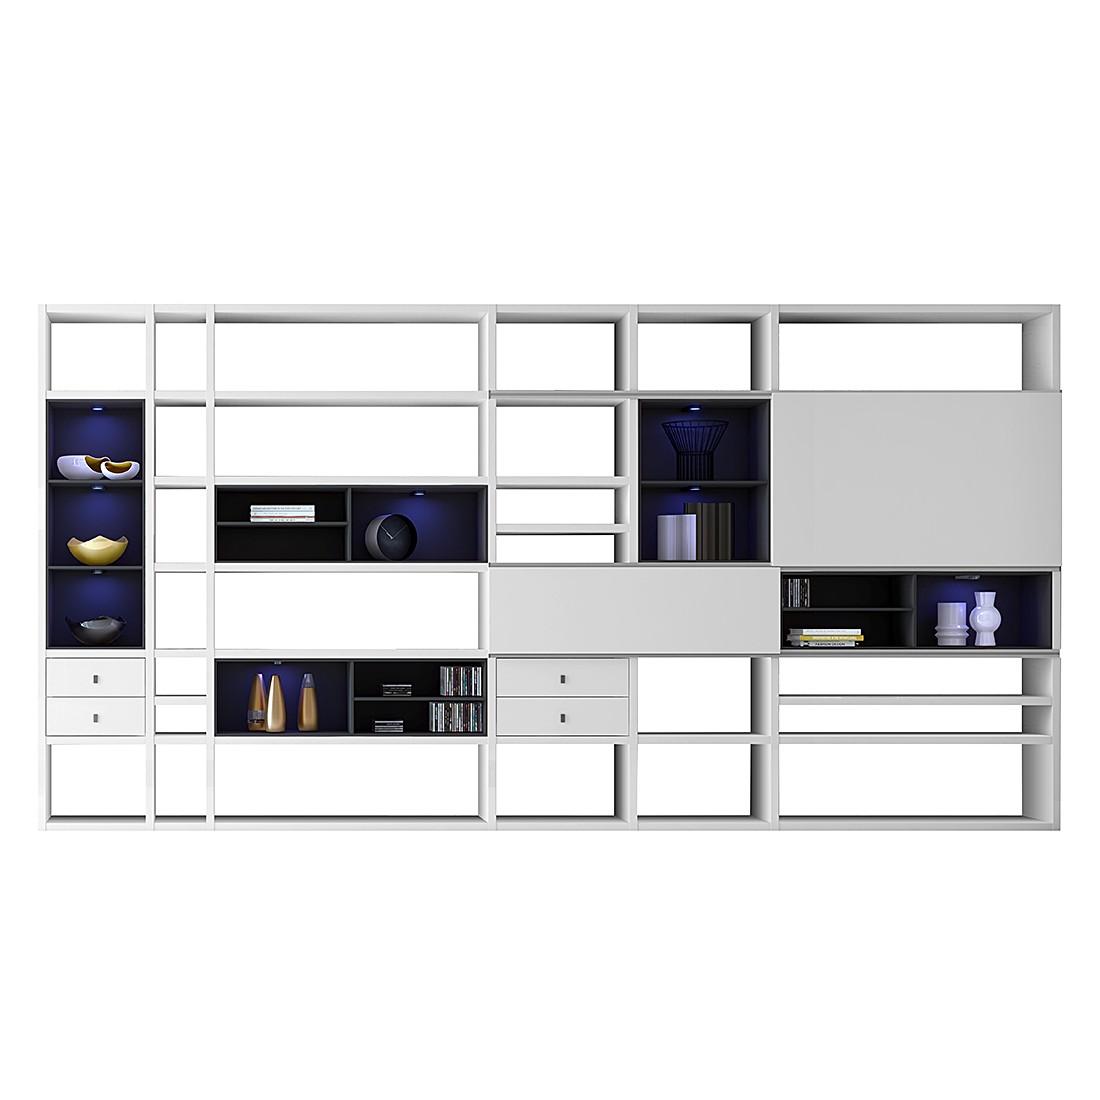 XXL Regalwand Emporior I.B – Hochglanz Weiß/Schwarz – Ohne Beleuchtung, loftscape günstig bestellen